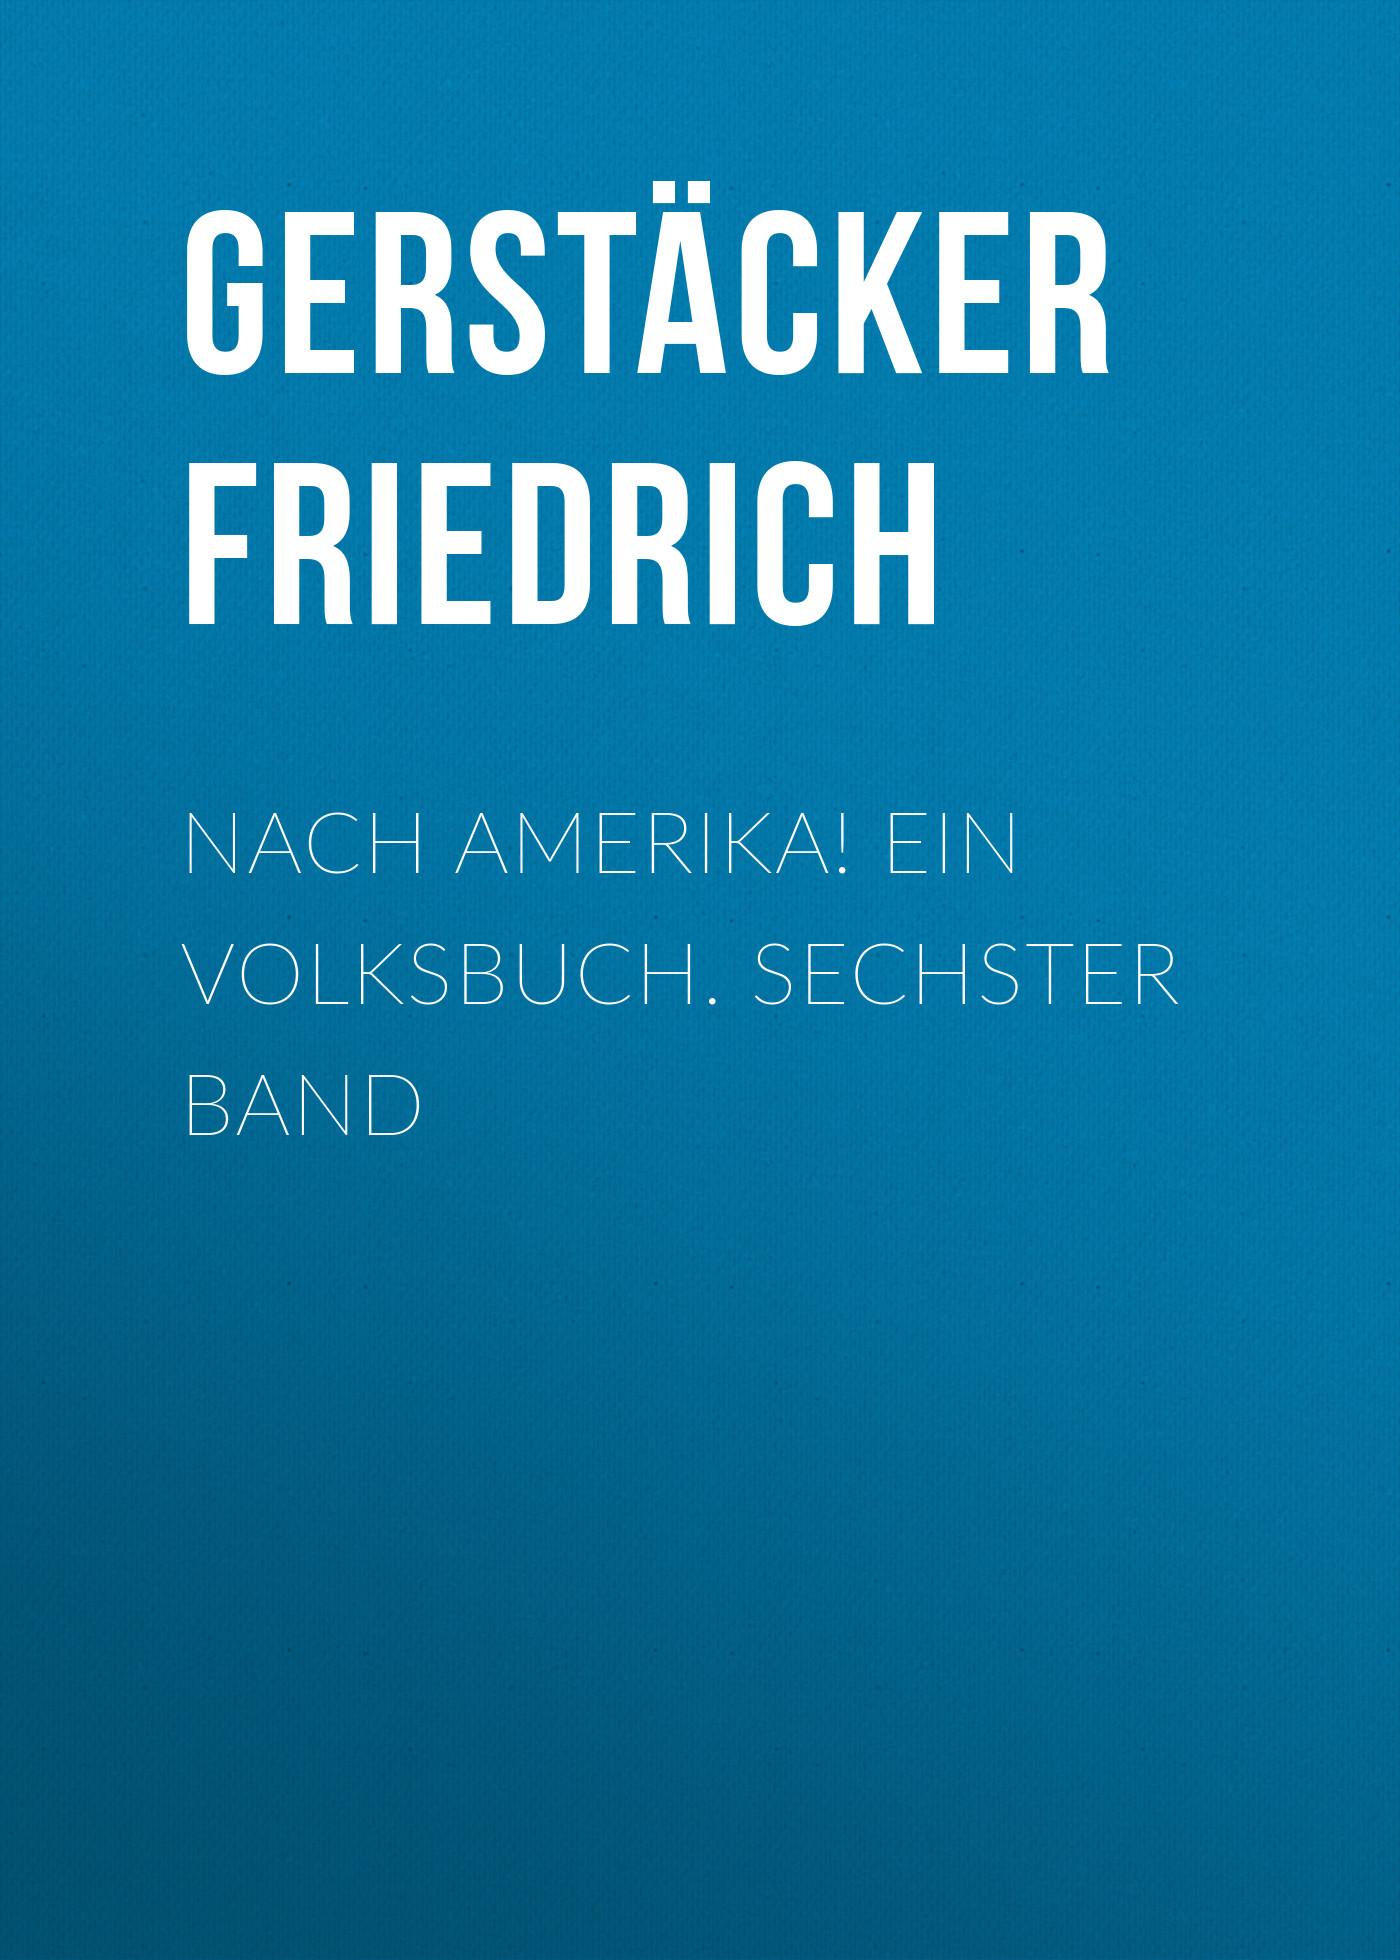 Gerstäcker Friedrich Nach Amerika! Ein Volksbuch. Sechster Band